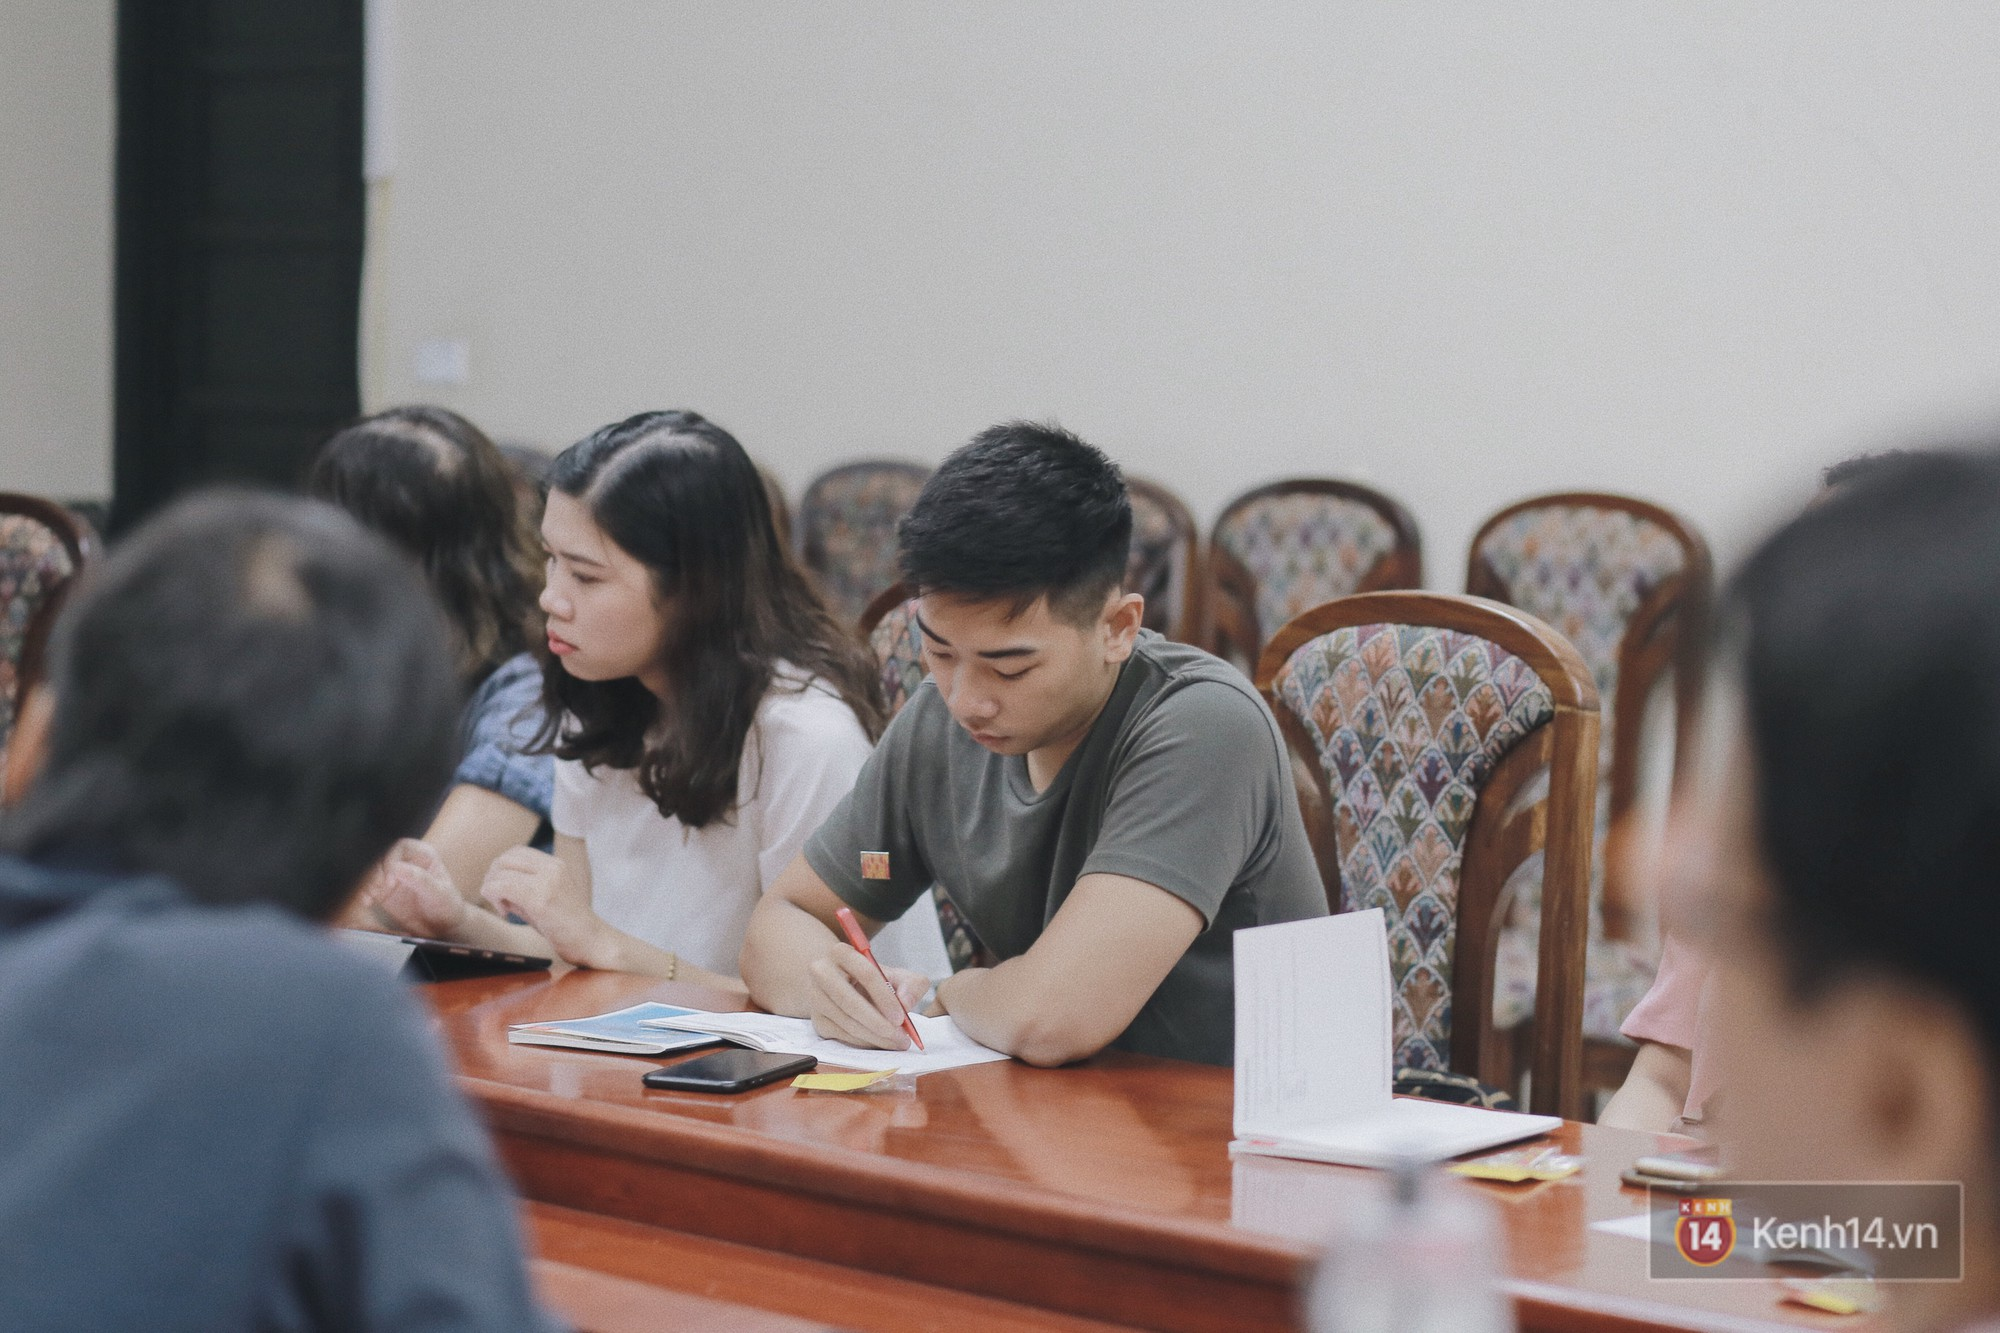 ABRSM - Chứng chỉ âm nhạc uy tín hàng đầu thế giới của Hiệp hội Âm nhạc Hoàng gia Anh đang được đông đảo trẻ em Việt lựa chọn - Ảnh 9.